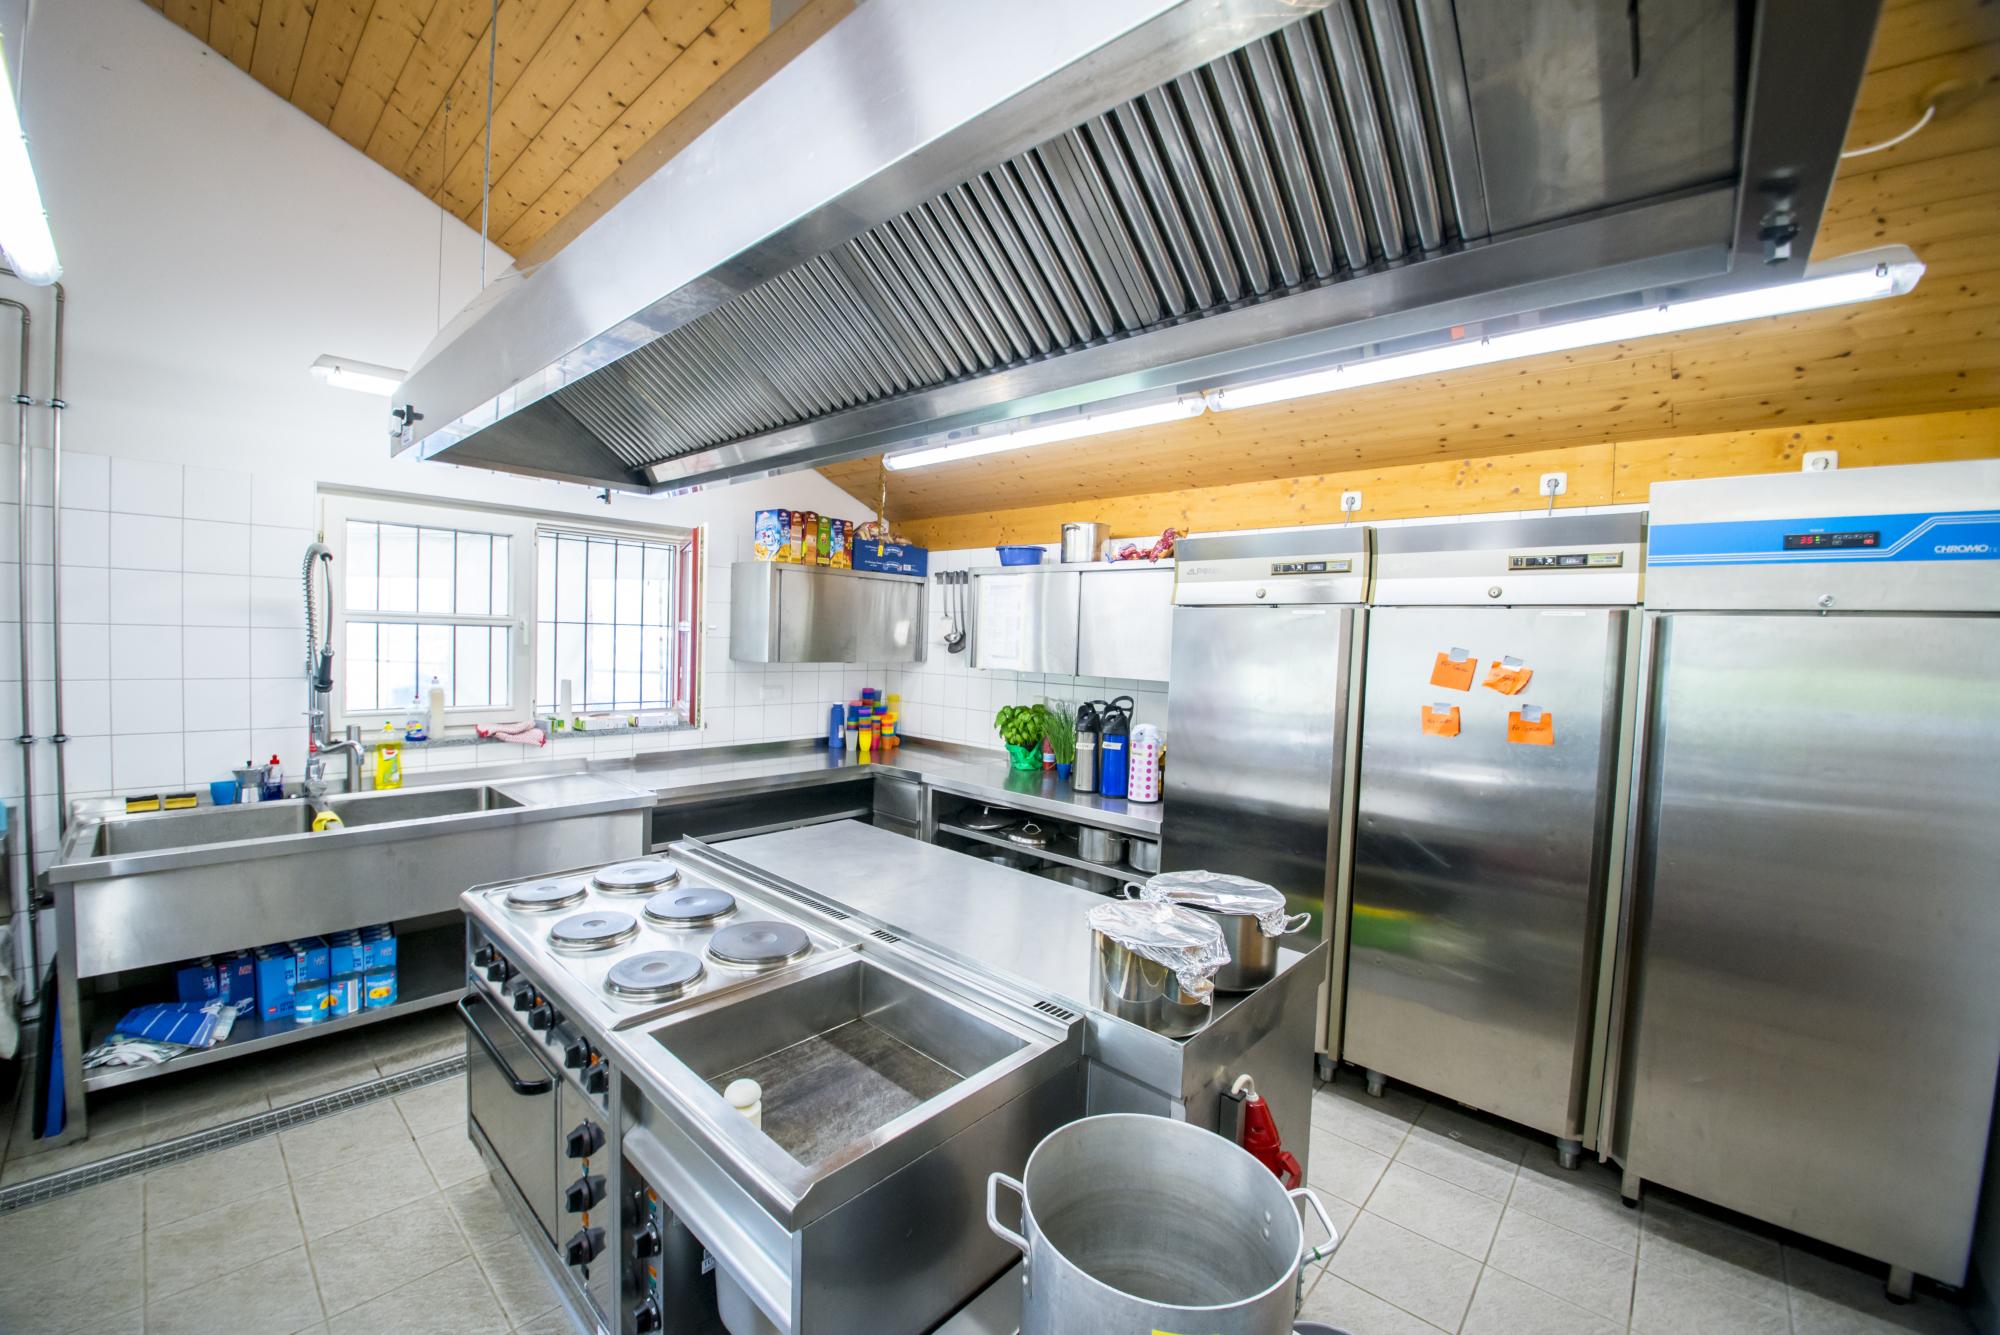 Zeltlager Küche 3